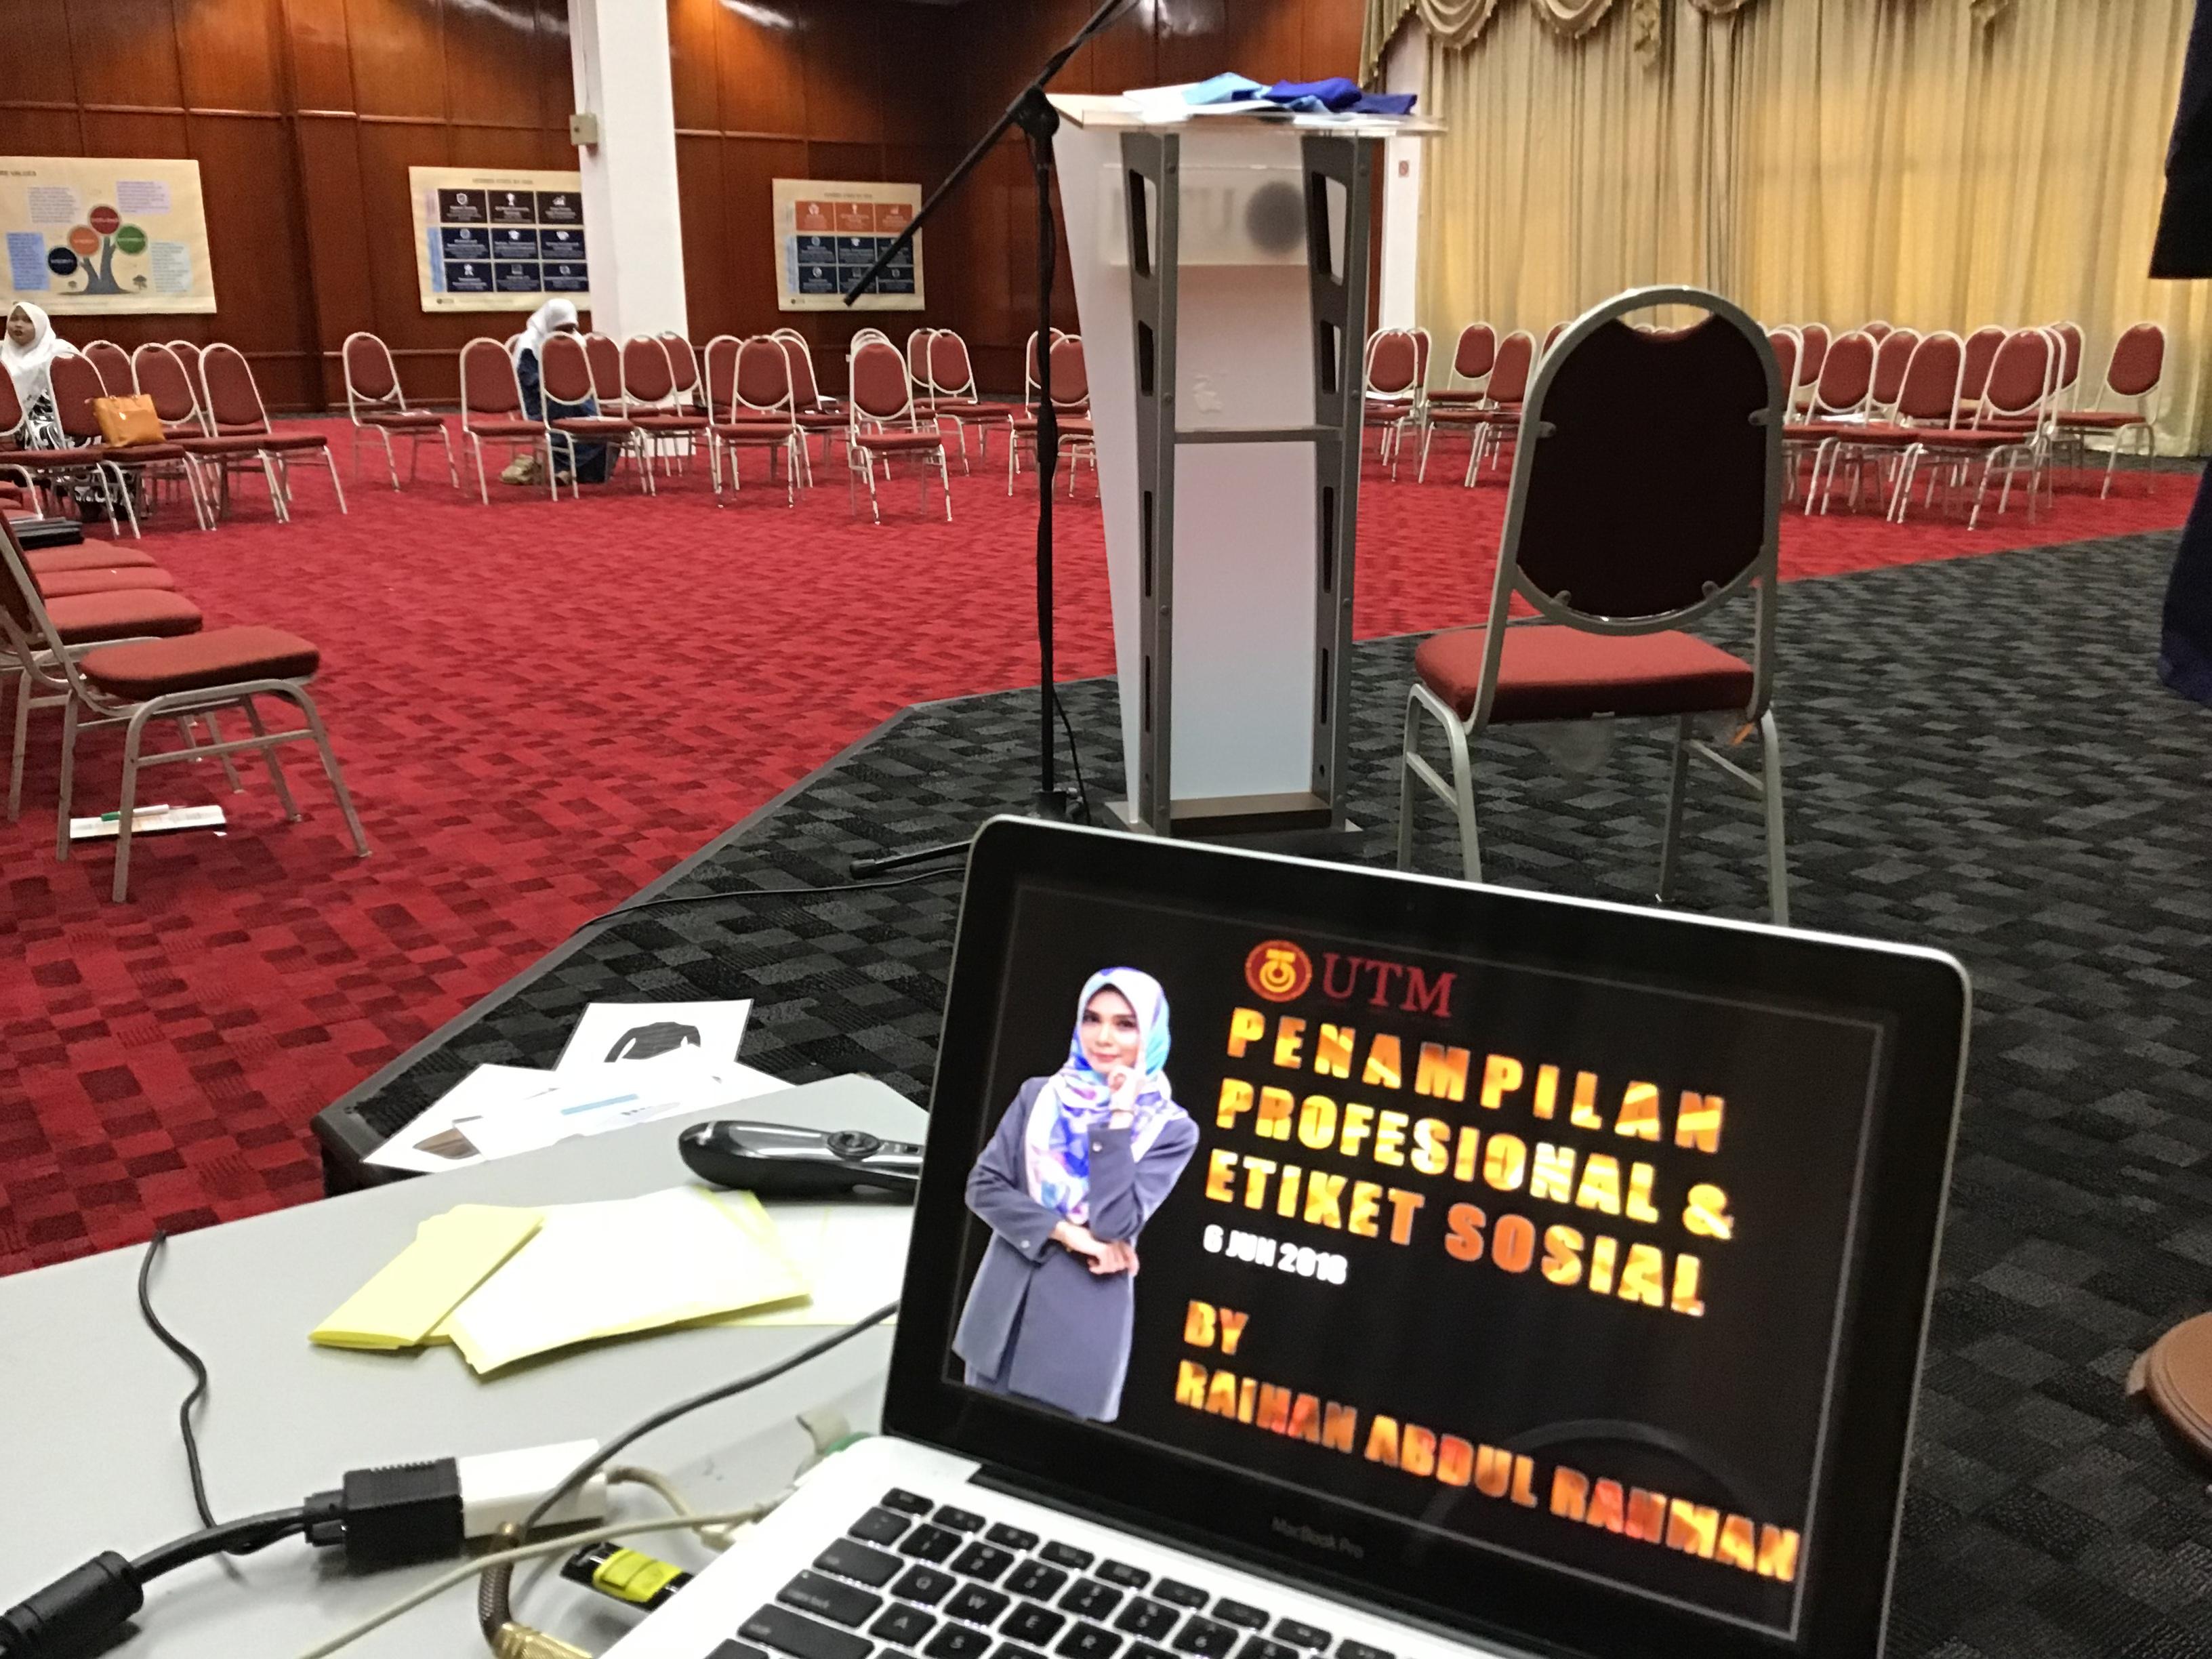 Kursus Penampilan Profesional Dan Etiket Sosial UTM